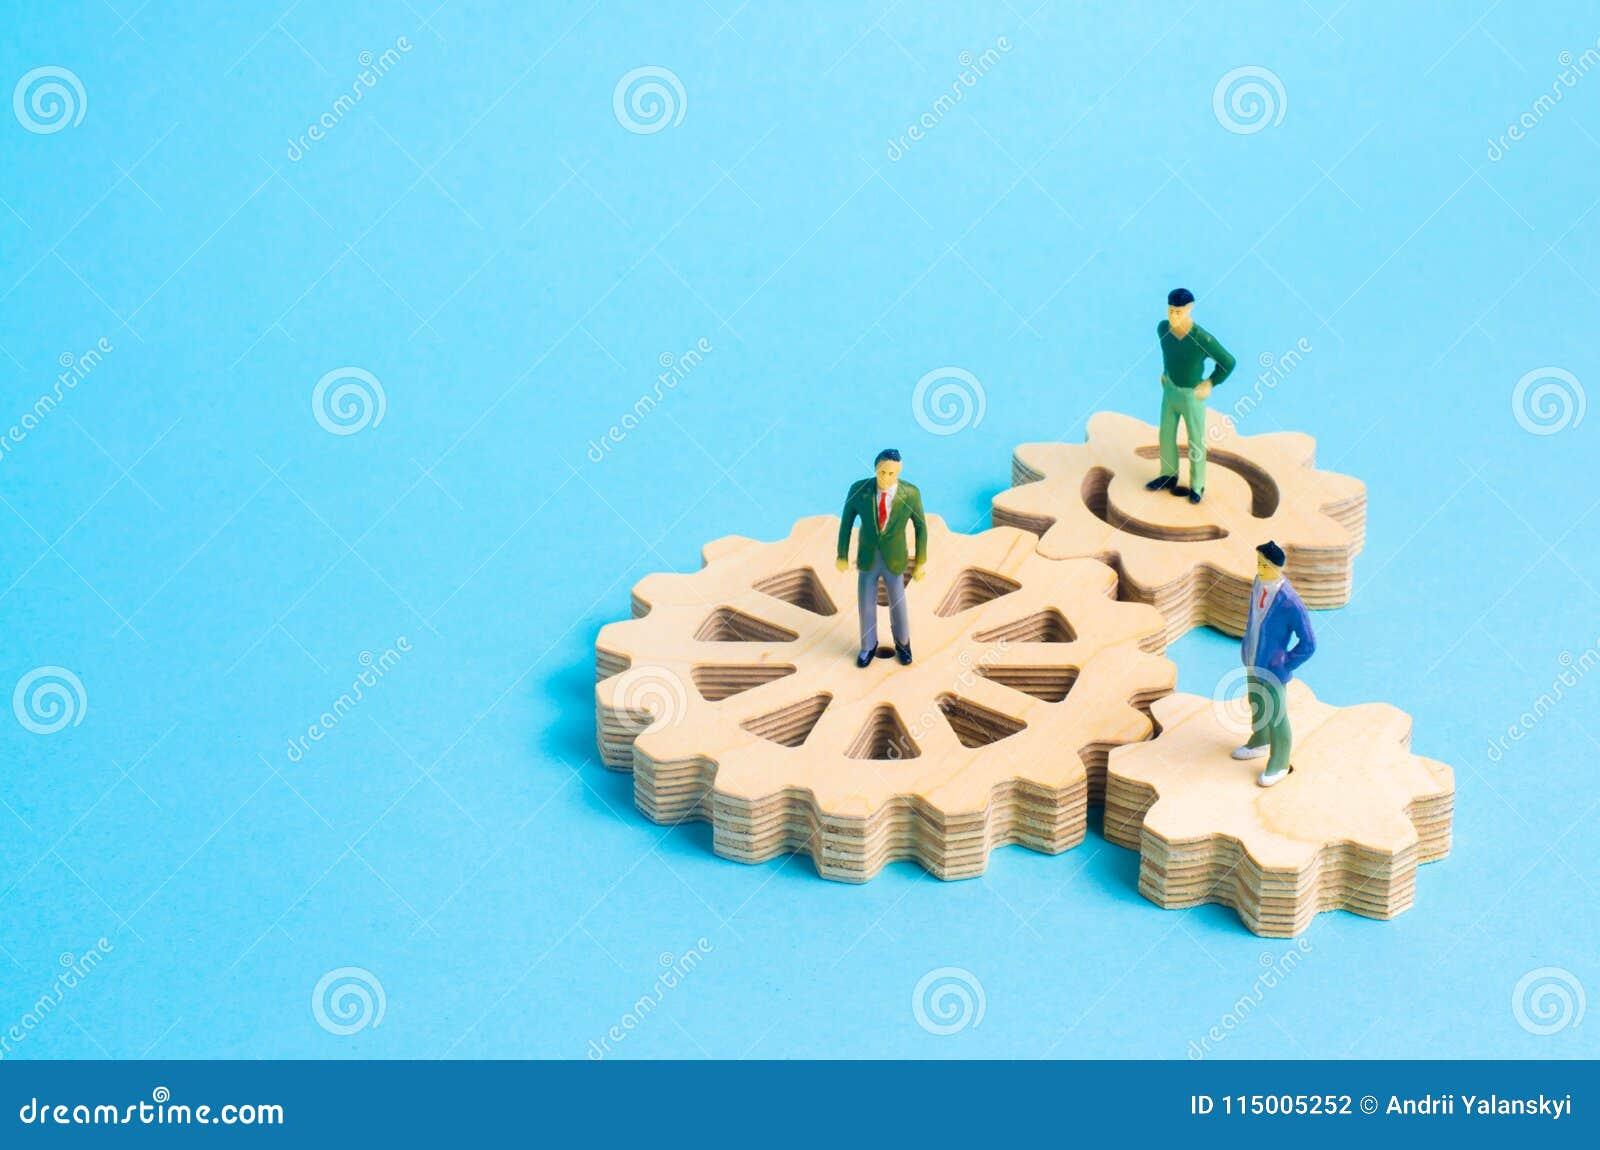 Leutestand auf Gängen Konzept von Geschäftsideen und -investitionen, Zusammenarbeit und Teamwork mit Teilhabern und Angestellten